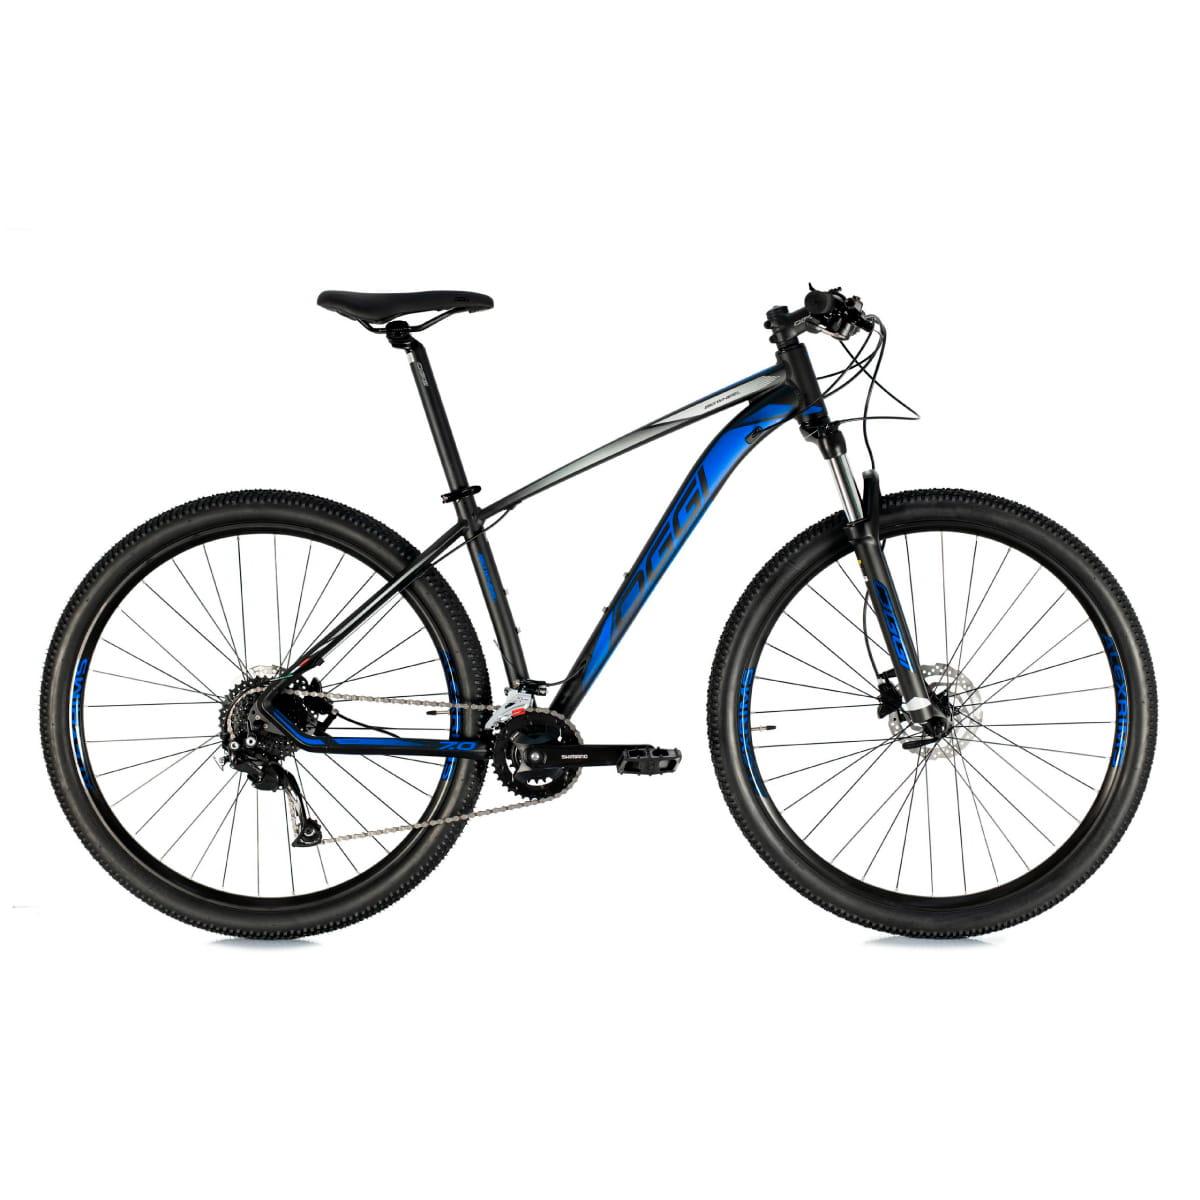 Bike Oggi 7.0 2021 Big Whell 18 V Shimano Alivio Preto Azul